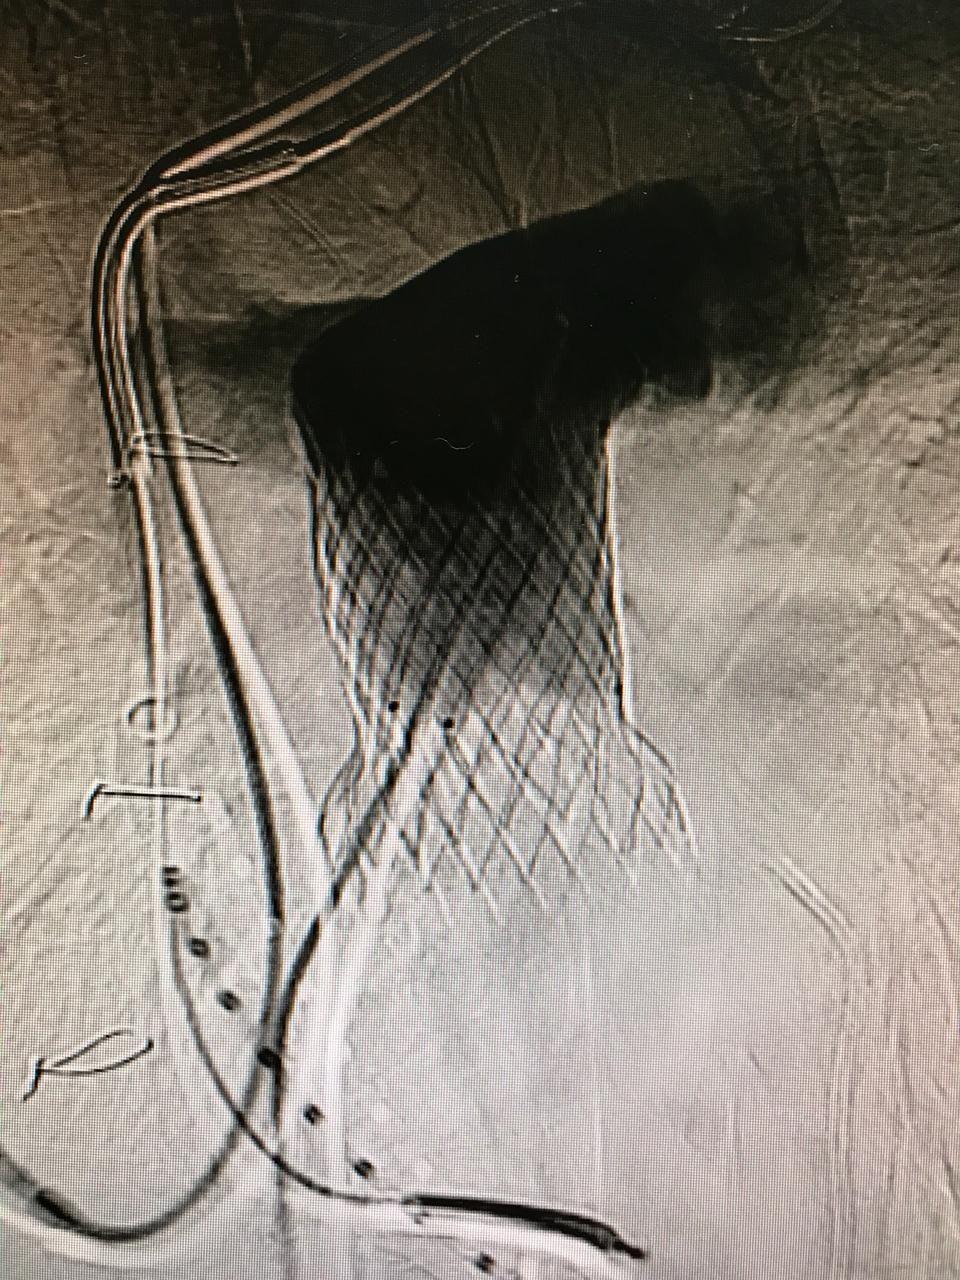 valvula-pulmonar-2